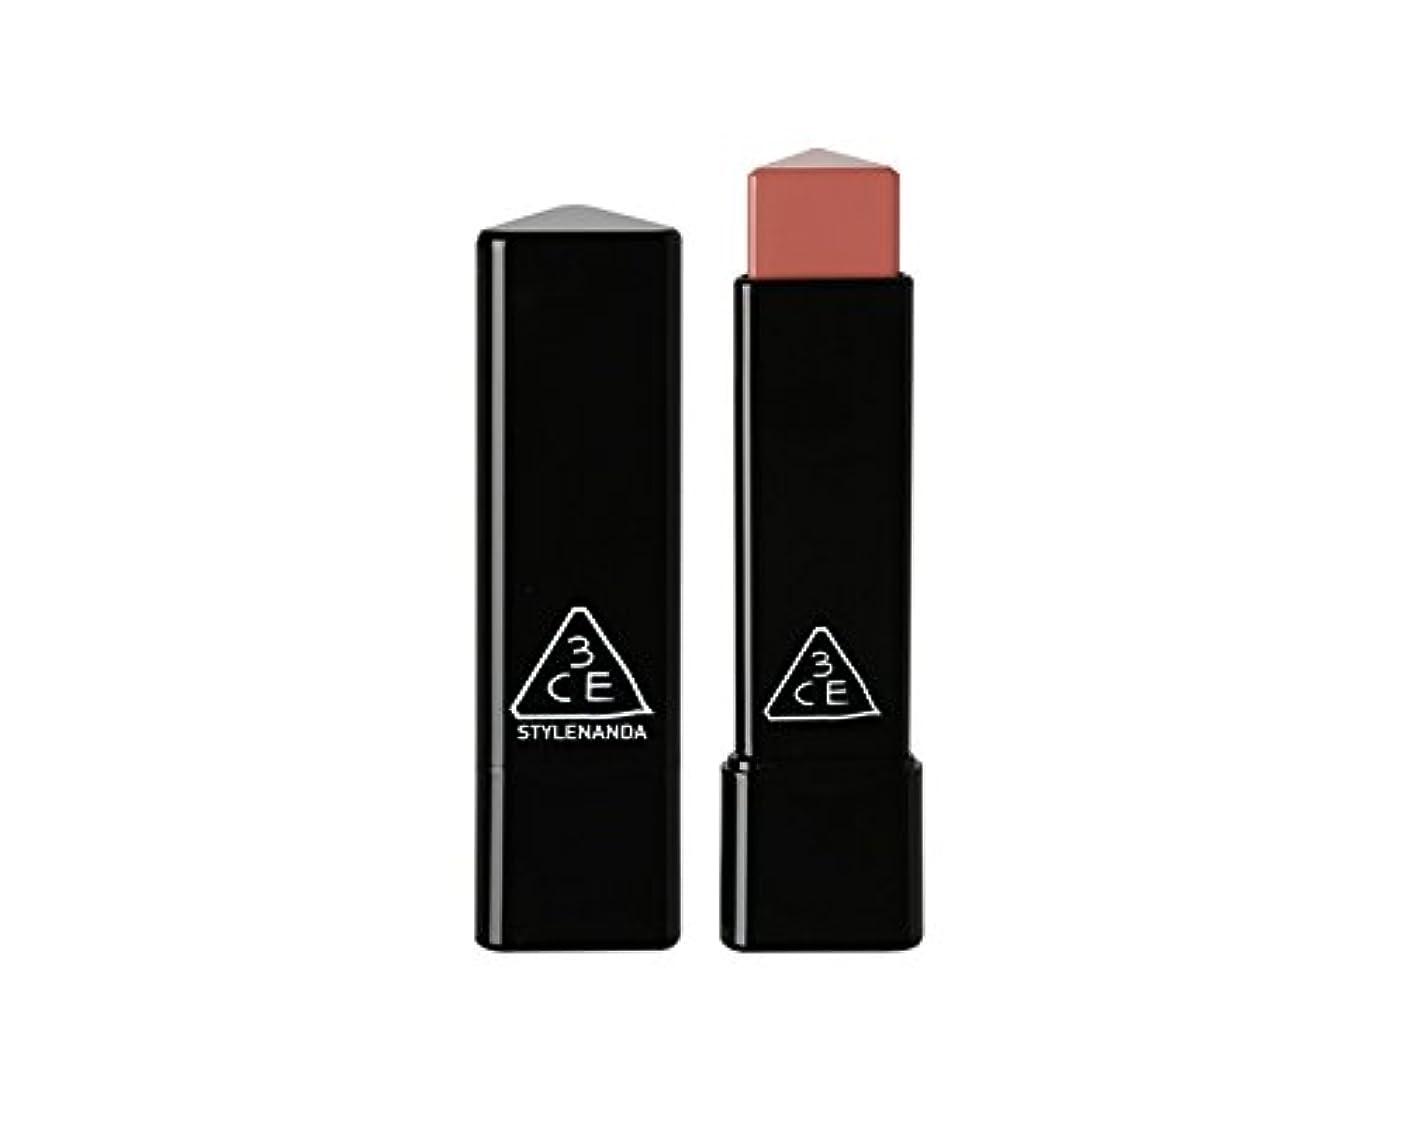 武器右反論者3CE スロージャム三角形口紅 3 Concept Eyes Style Nanda Glow Jam Stick Triangle Lipstick (正品?海外直送品) (Some Def)